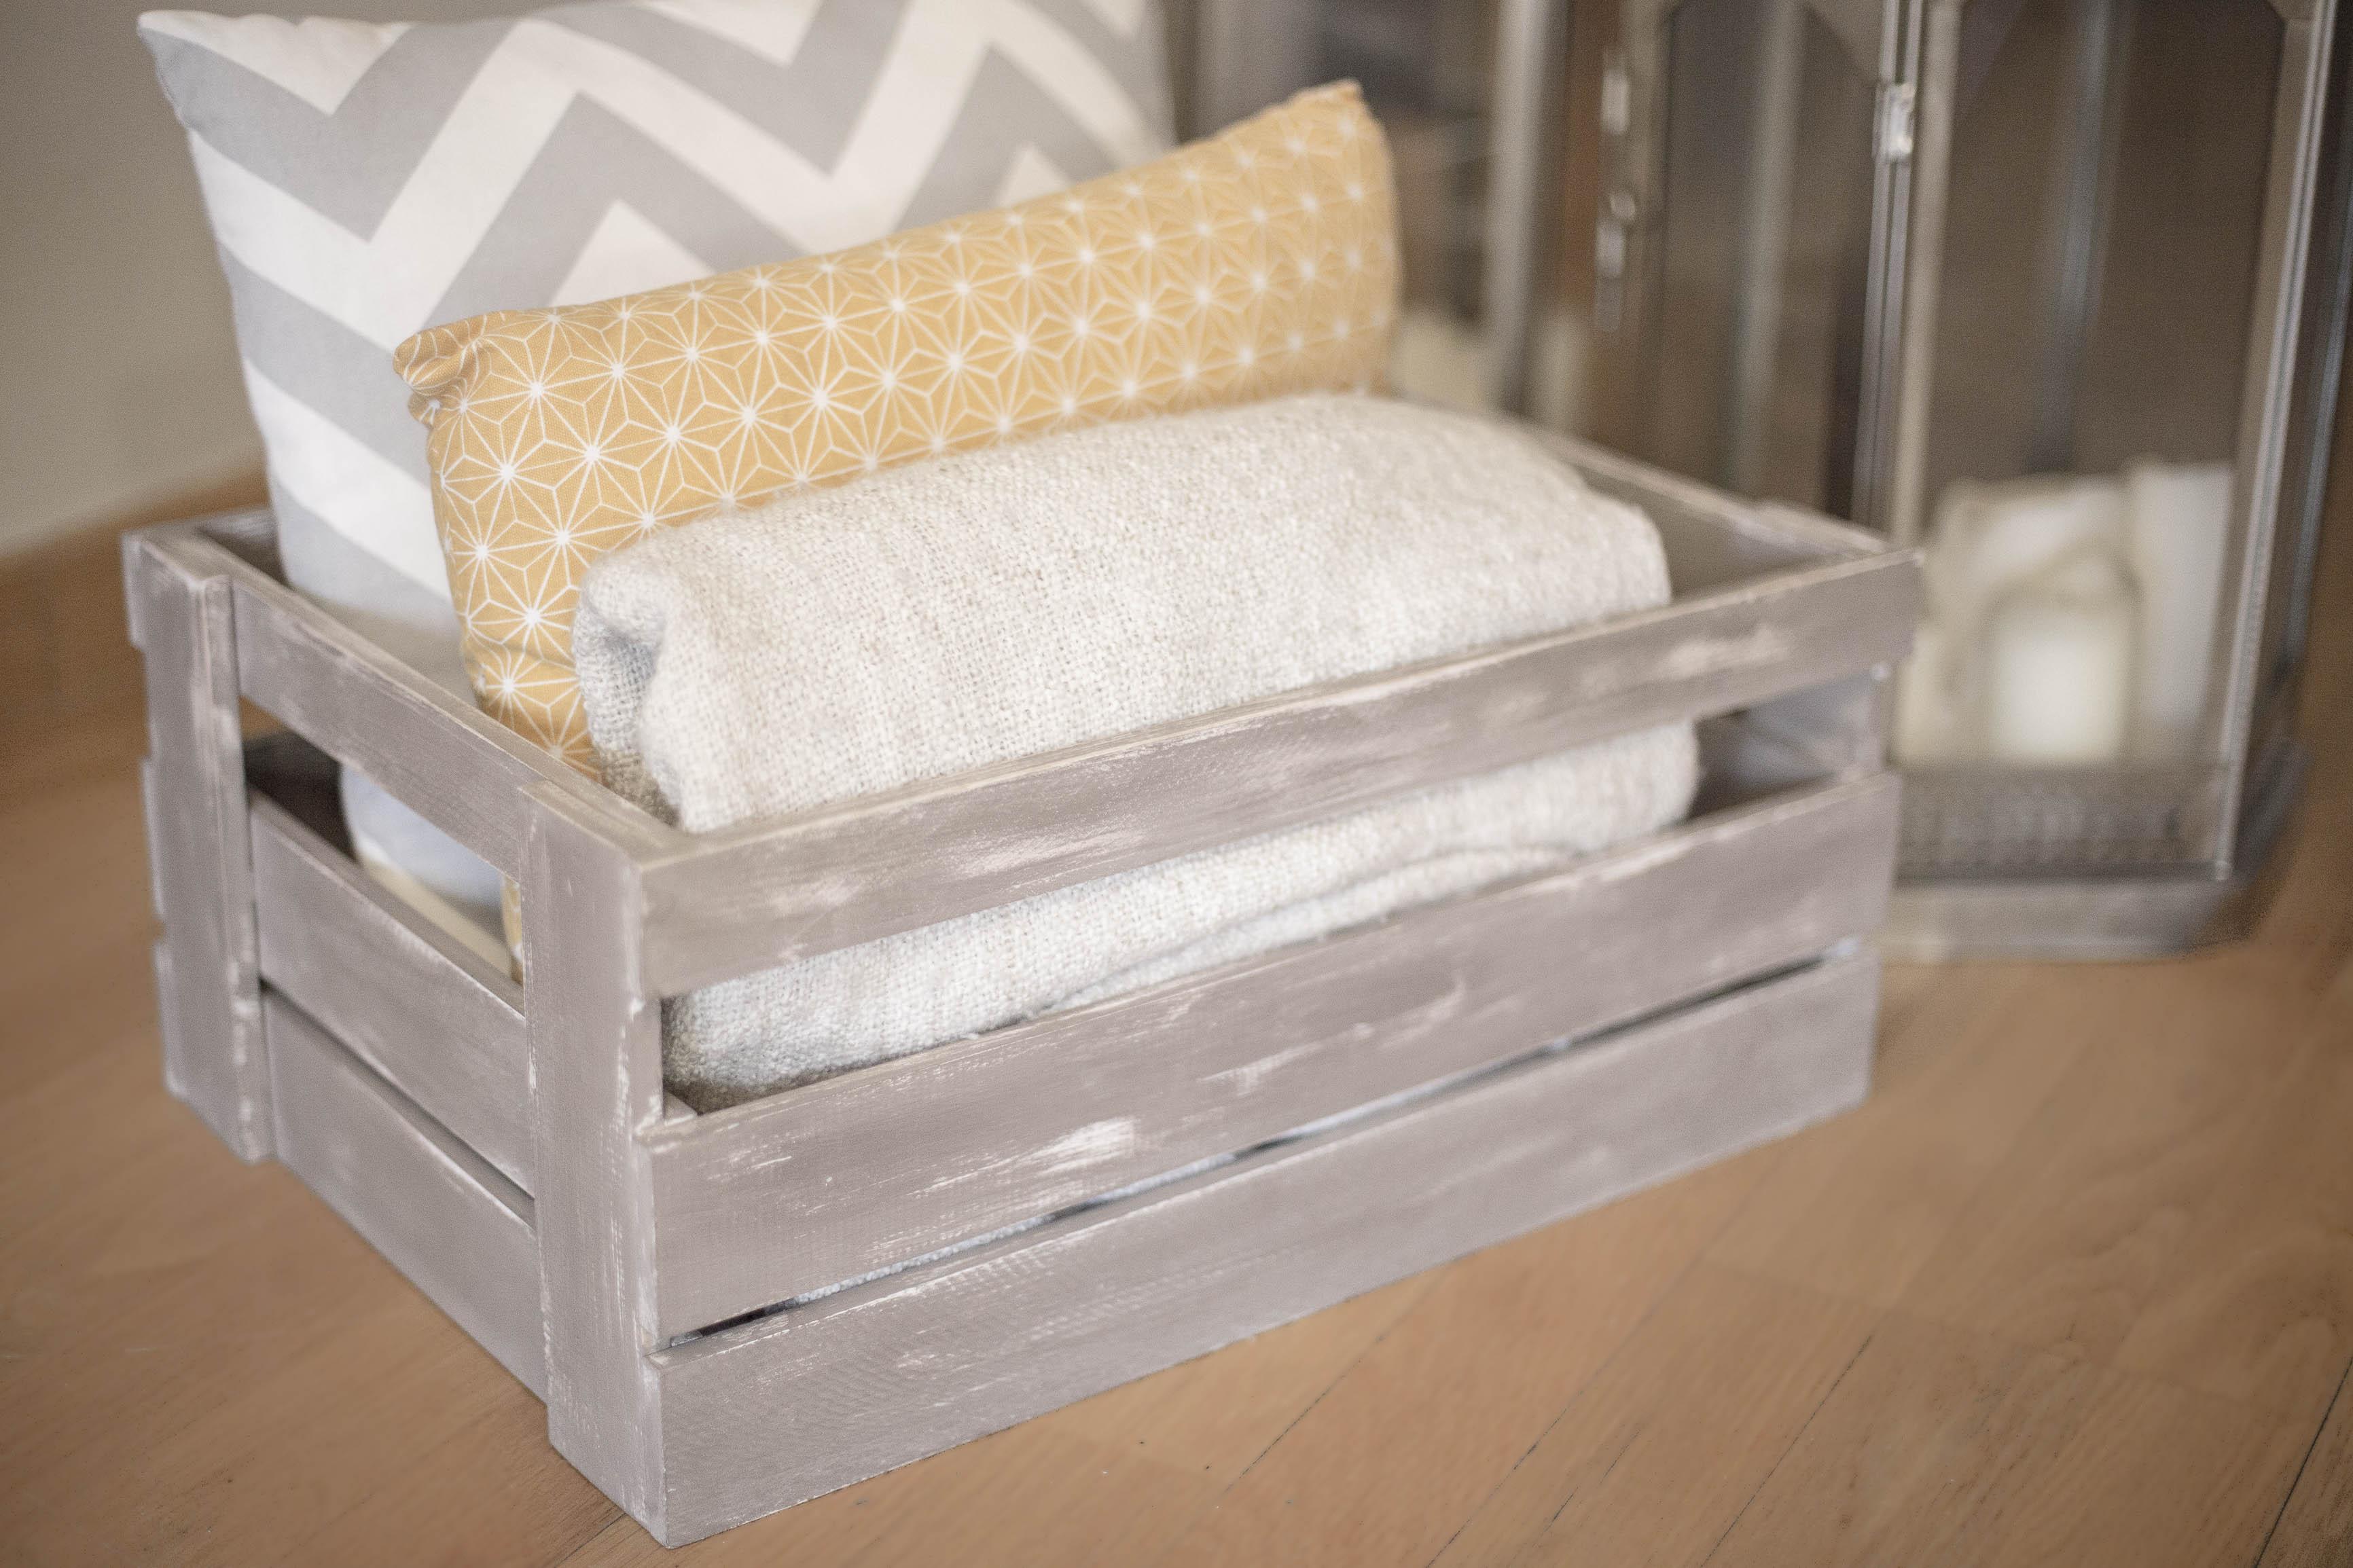 Caja pintada para guardar toallas.